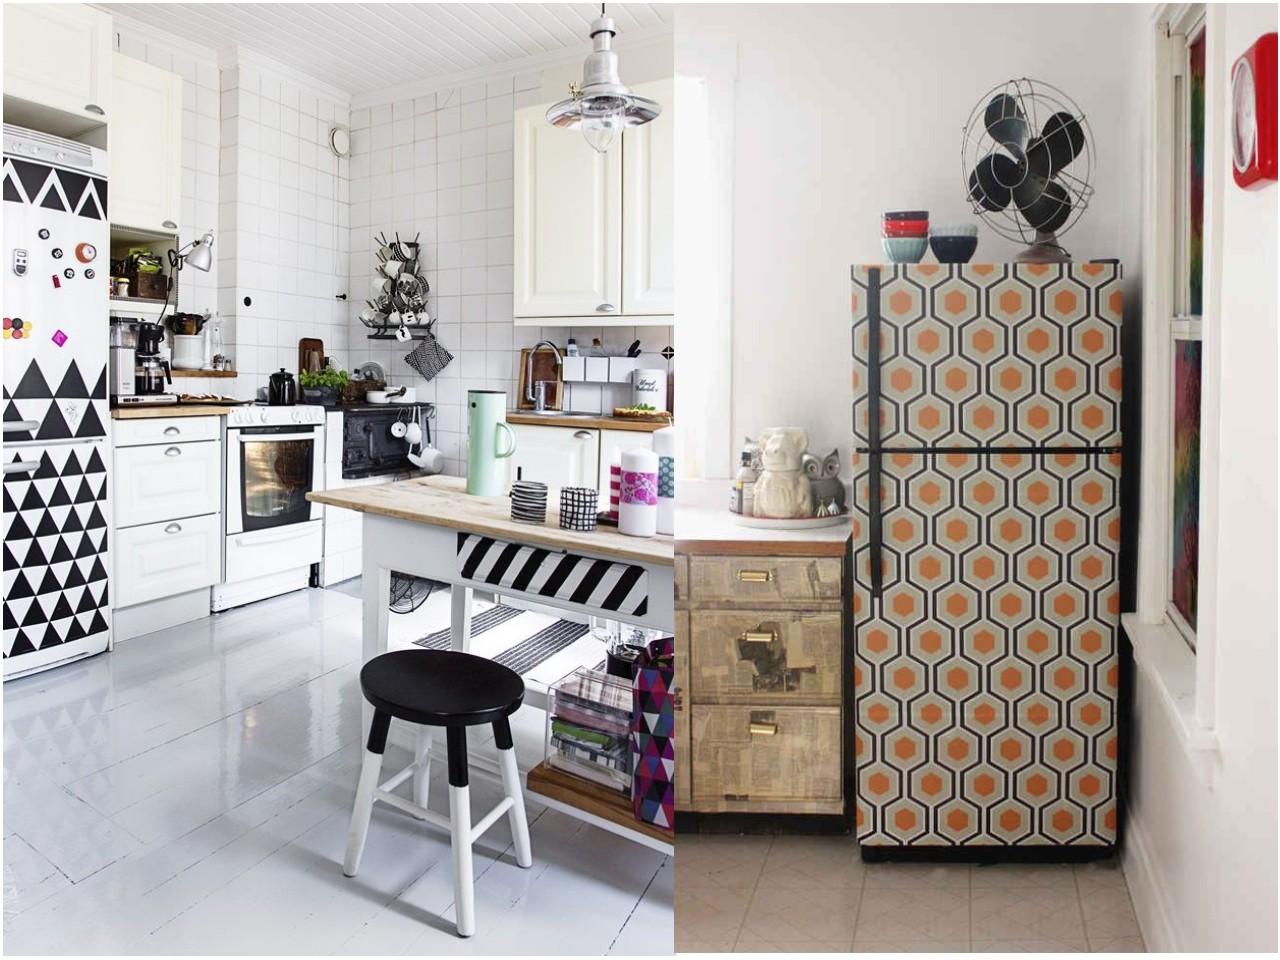 Cocinas Completas Con Electrodomesticos Of Decoraci N De Cocinas Con Papel Pintado